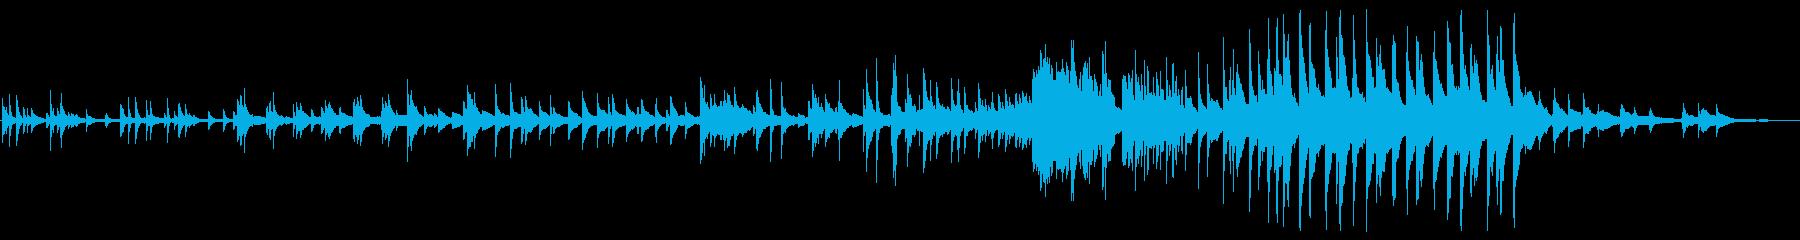 アンハッピーエンディング ■ ピアノソロの再生済みの波形